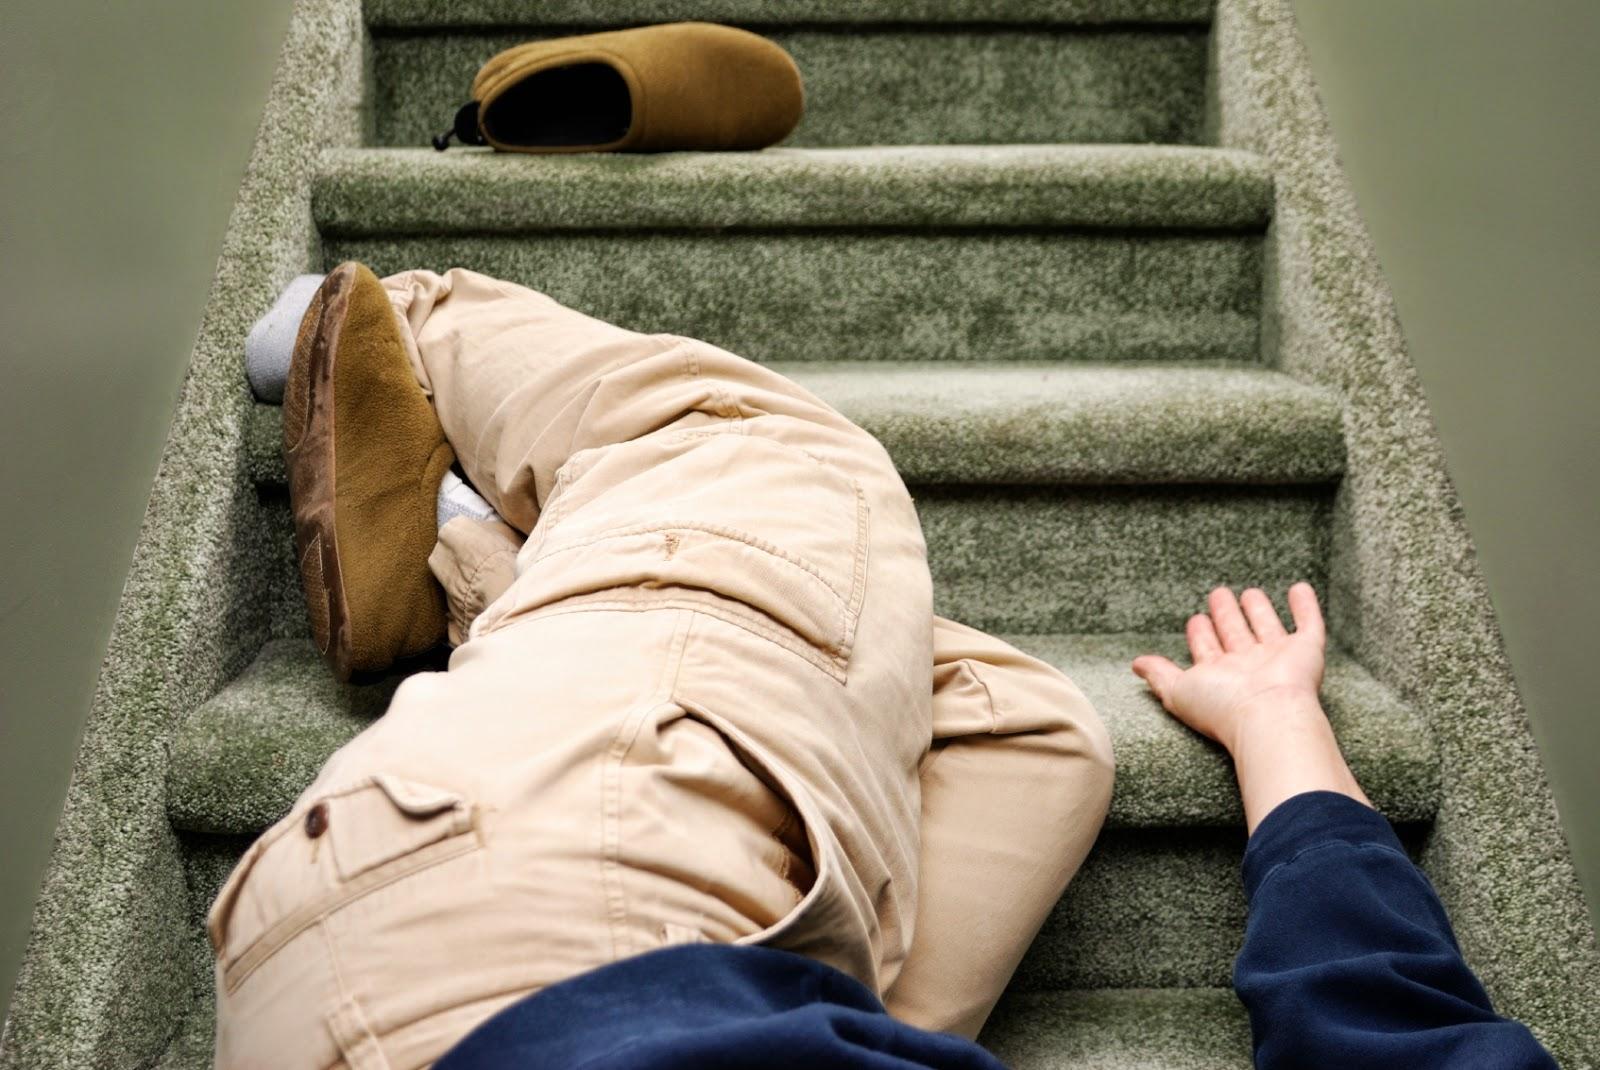 Điều cấm kỵ dịp tết 9: Trượt chân, vấp ngã